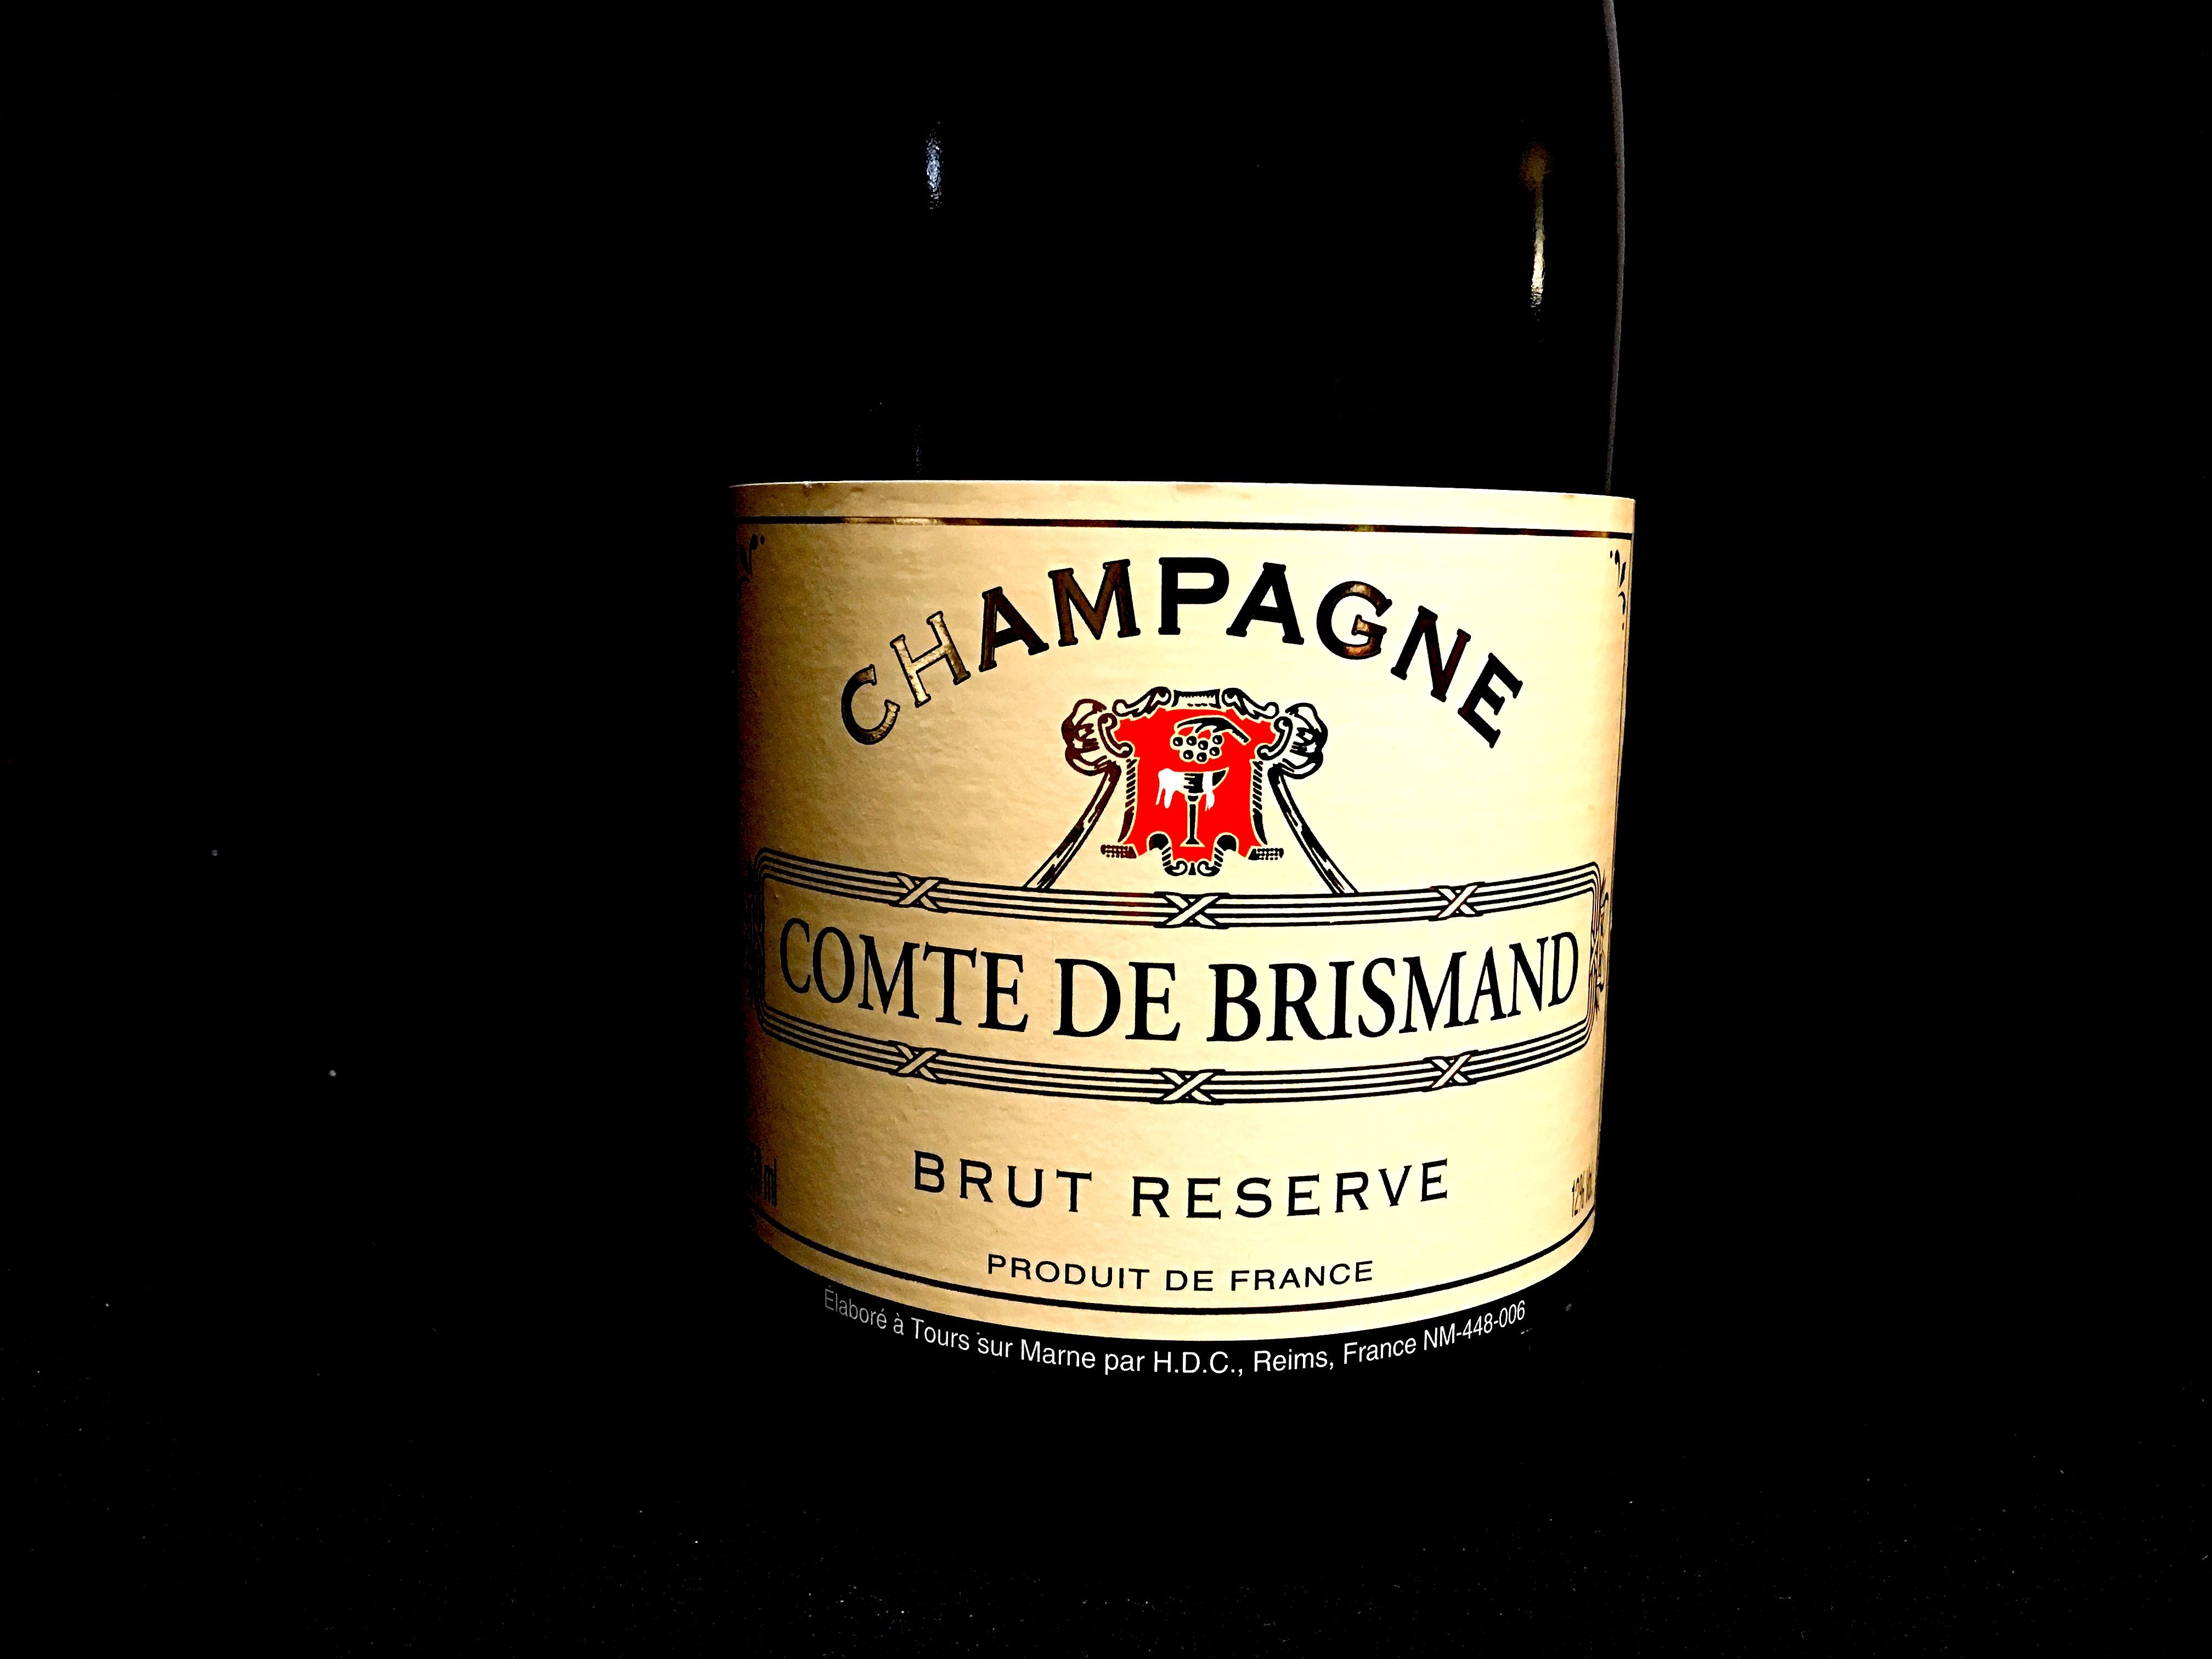 Champagner Comte de Brismand Etikett von vorne